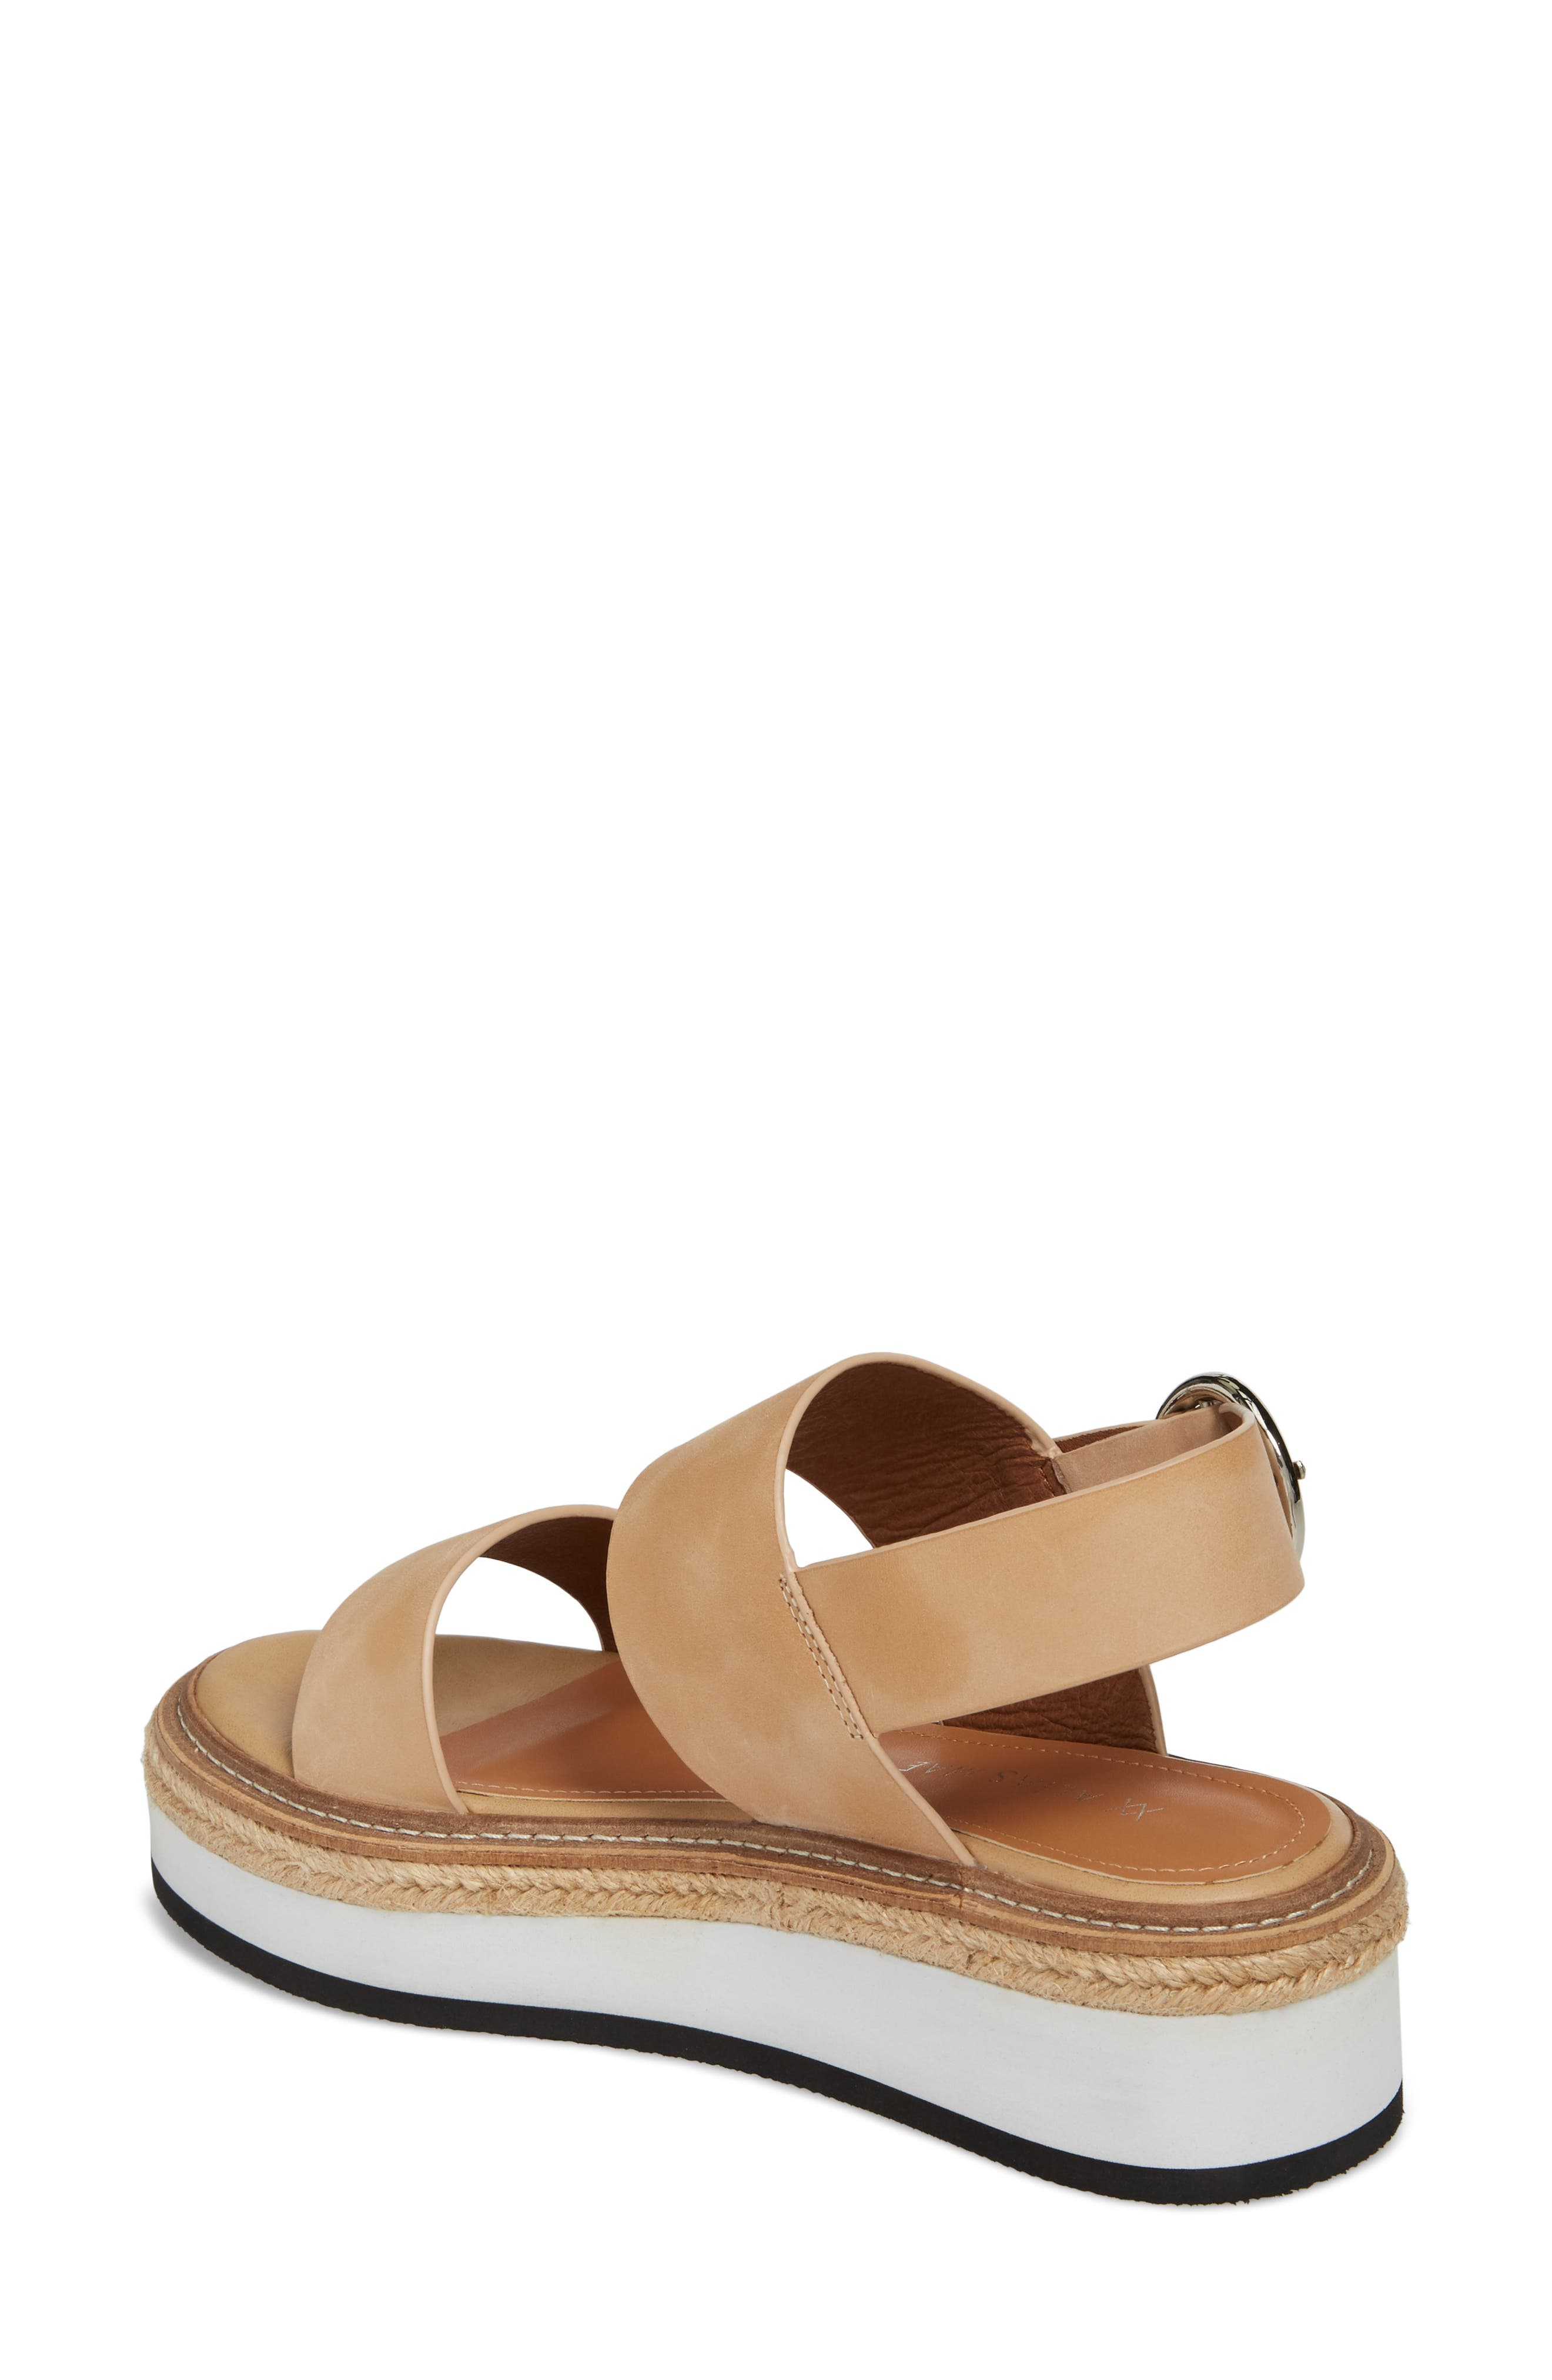 Niche Platform Sandal,                             Alternate thumbnail 4, color,